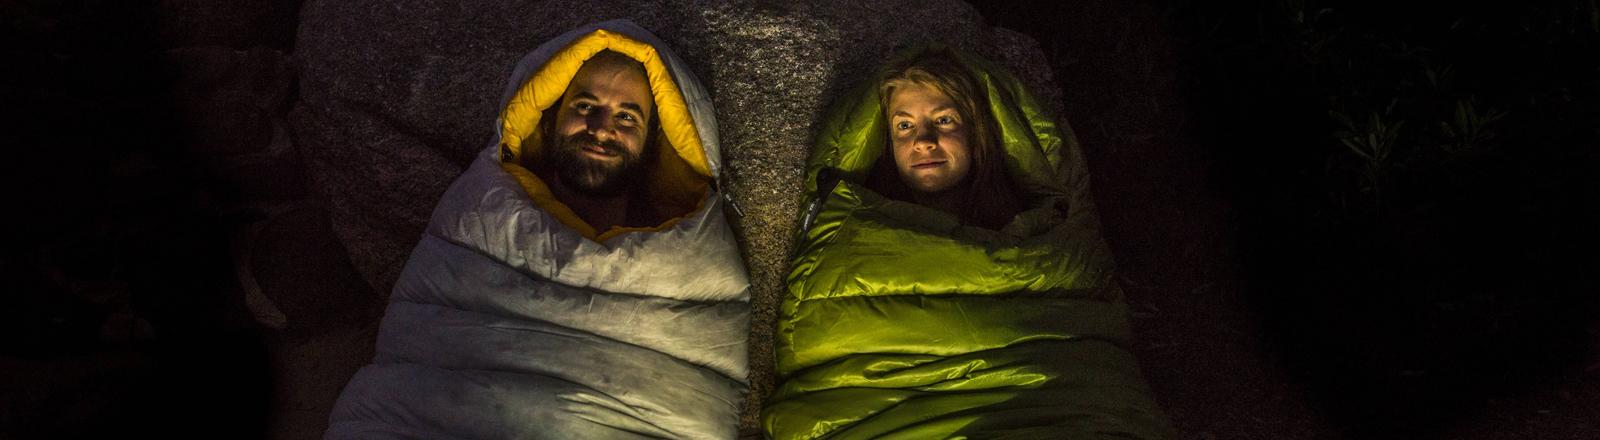 Paar in Schlafsäcken